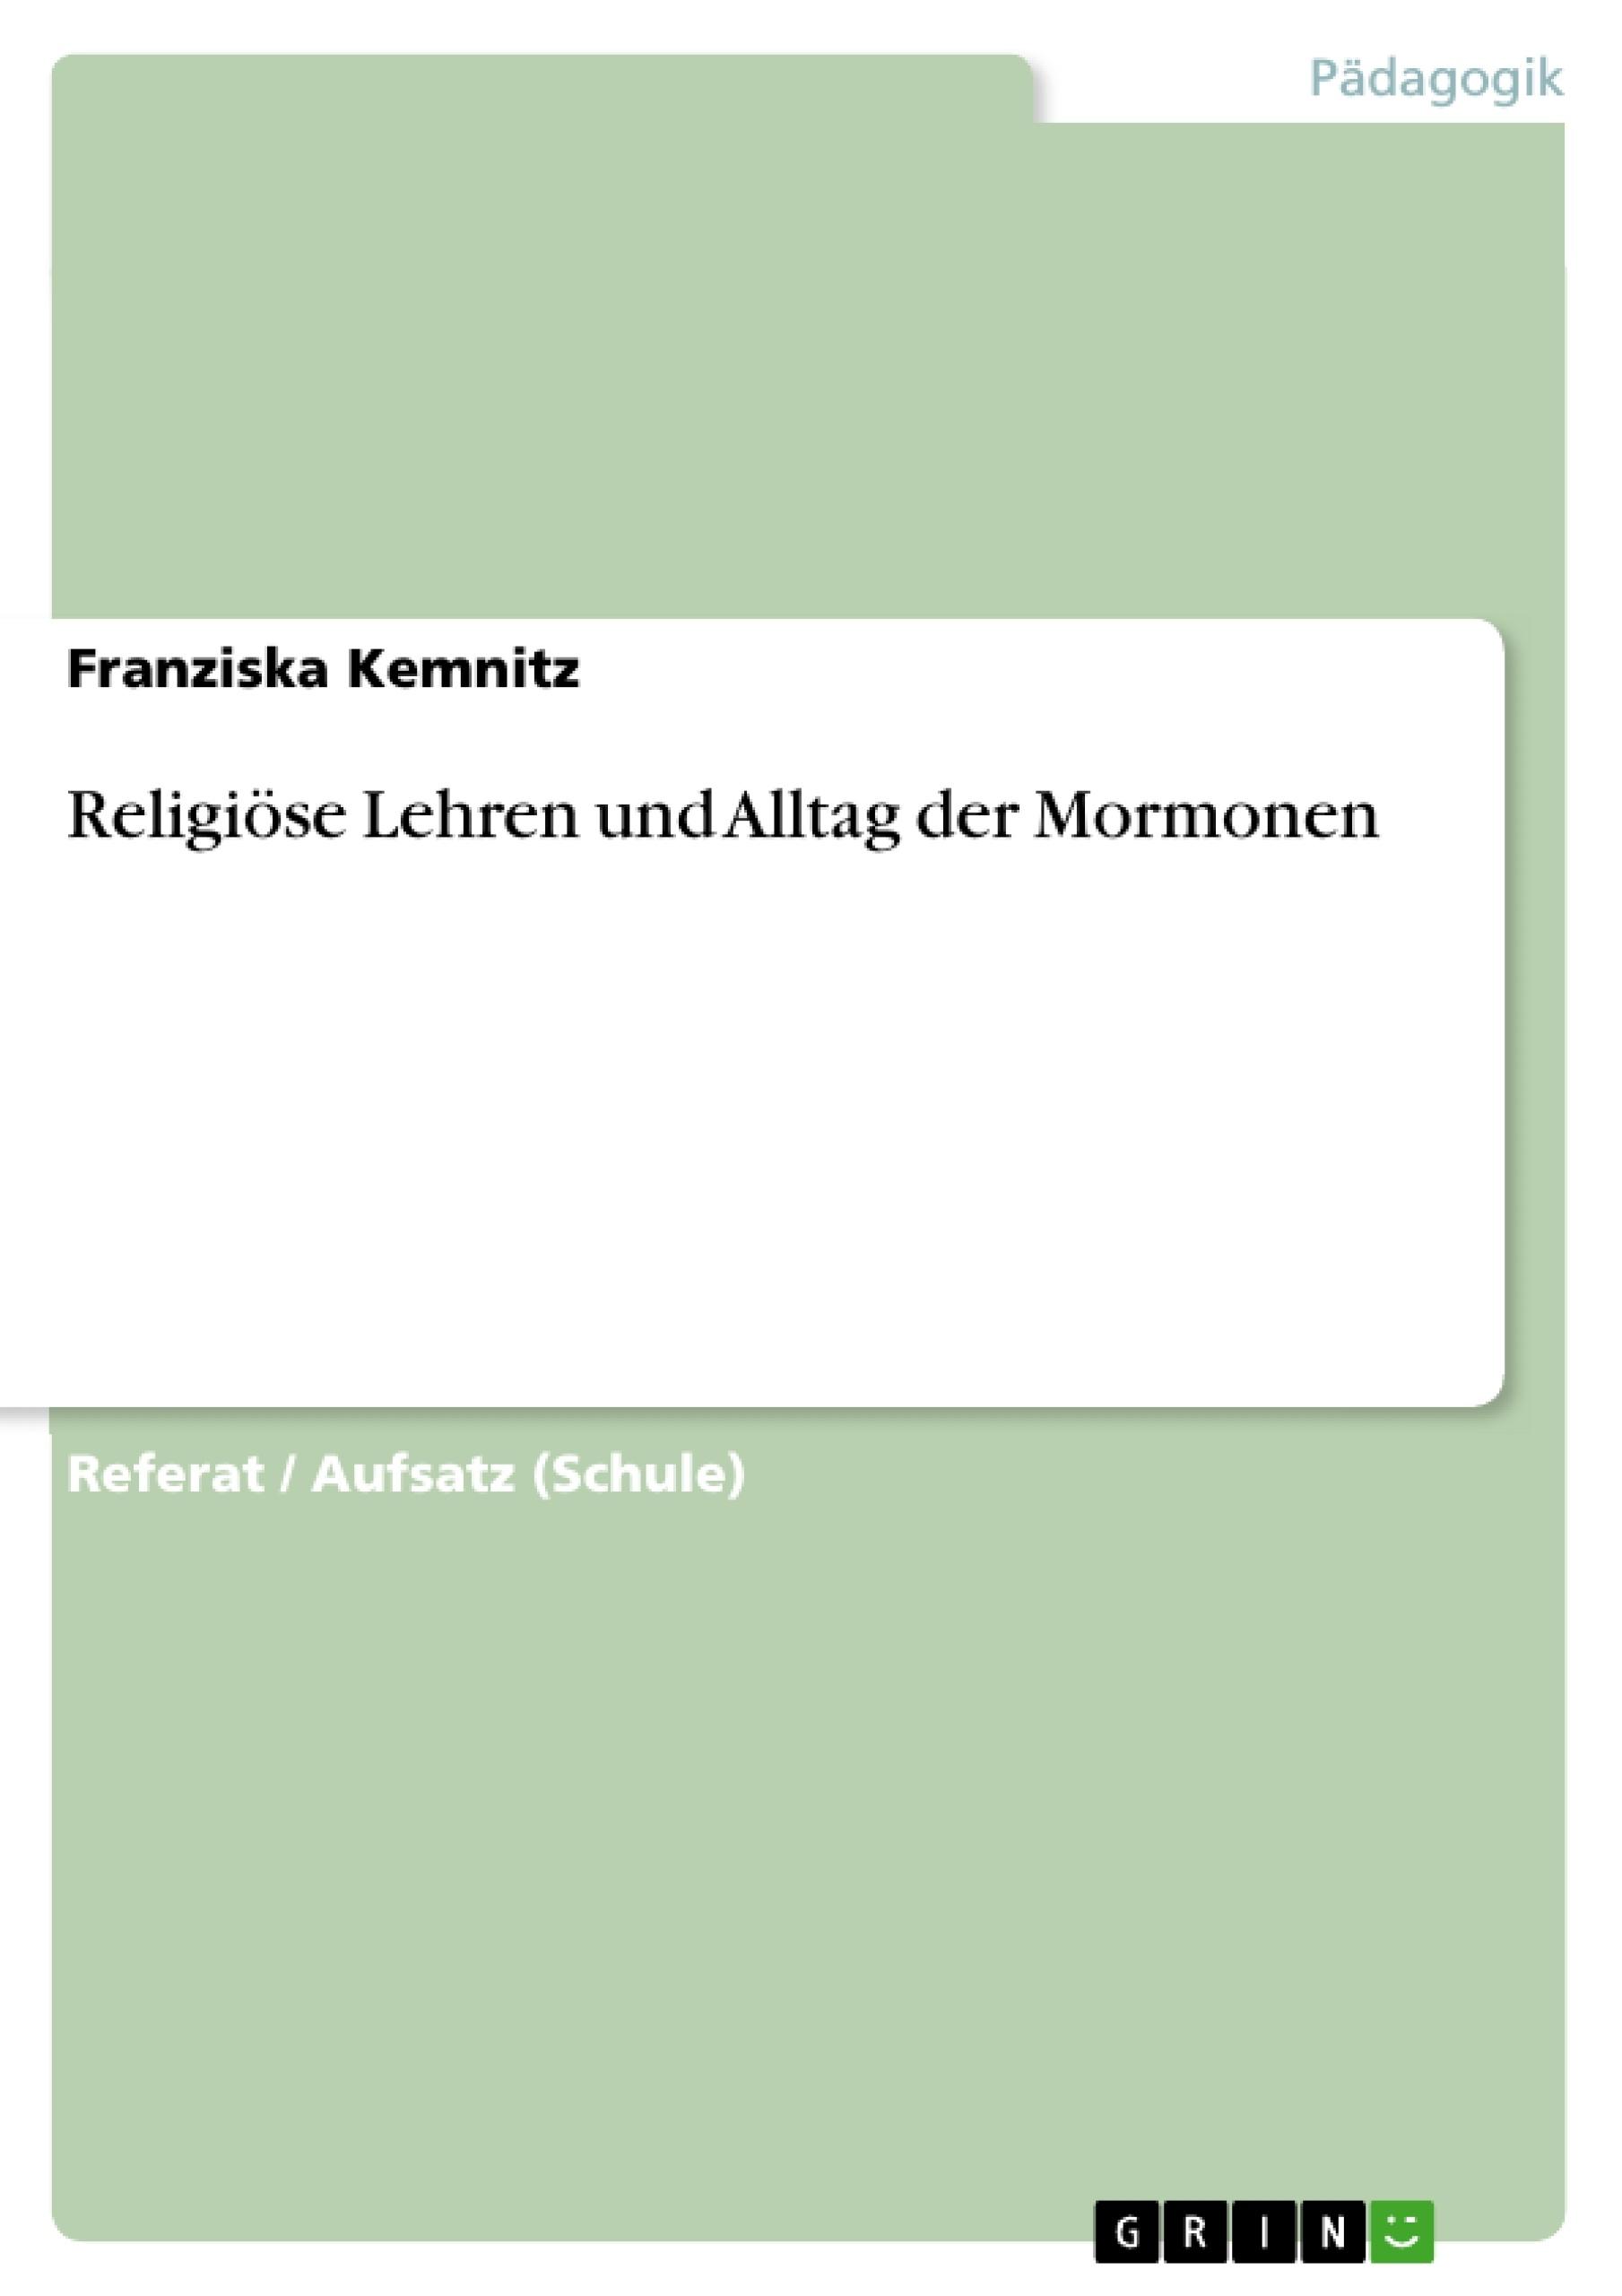 Titel: Religiöse Lehren und Alltag der Mormonen